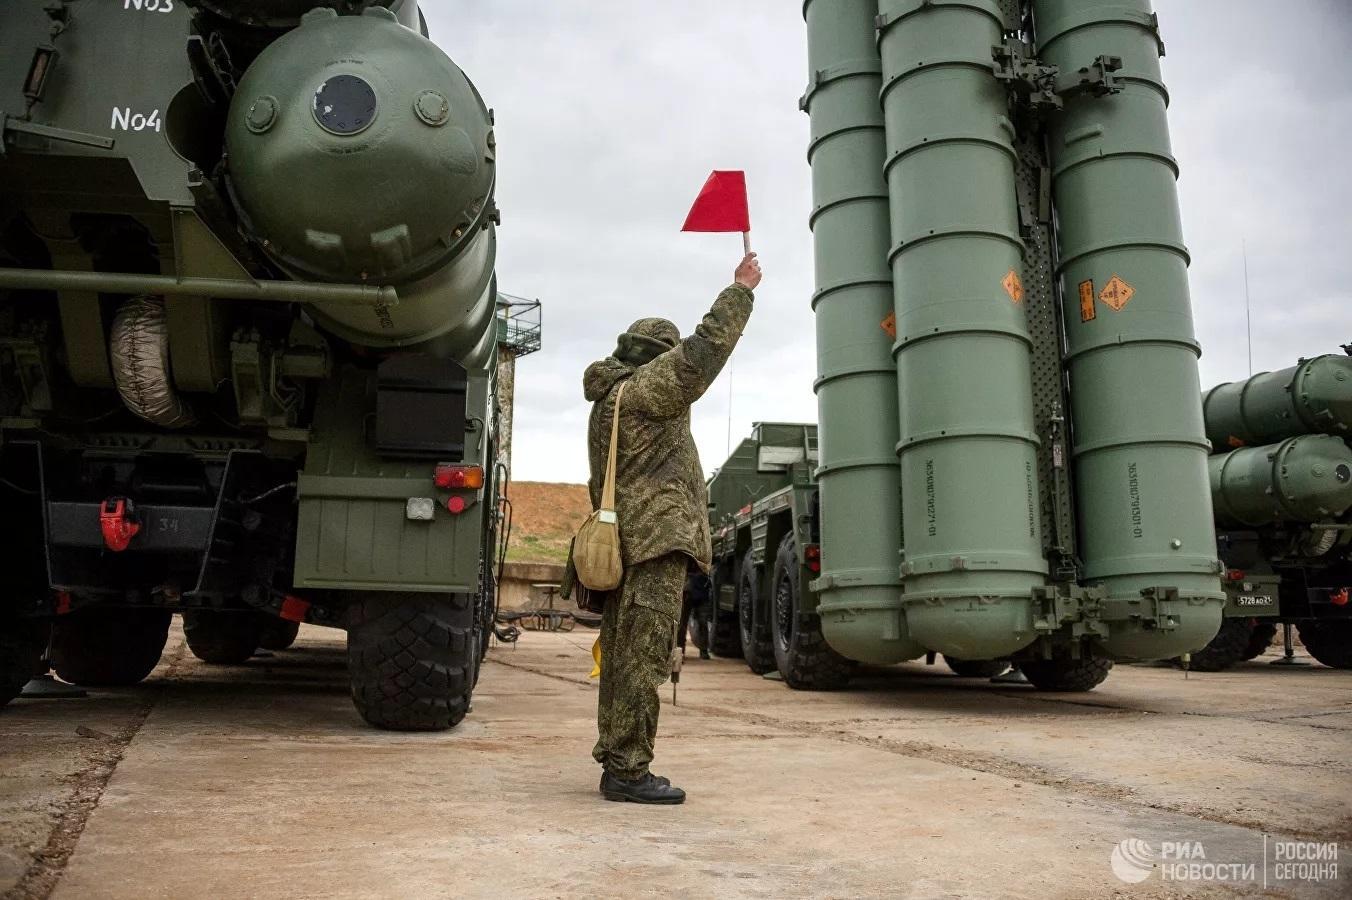 'Rồng lửa' S-500 của Nga sẽ được triển khai ở Crimea